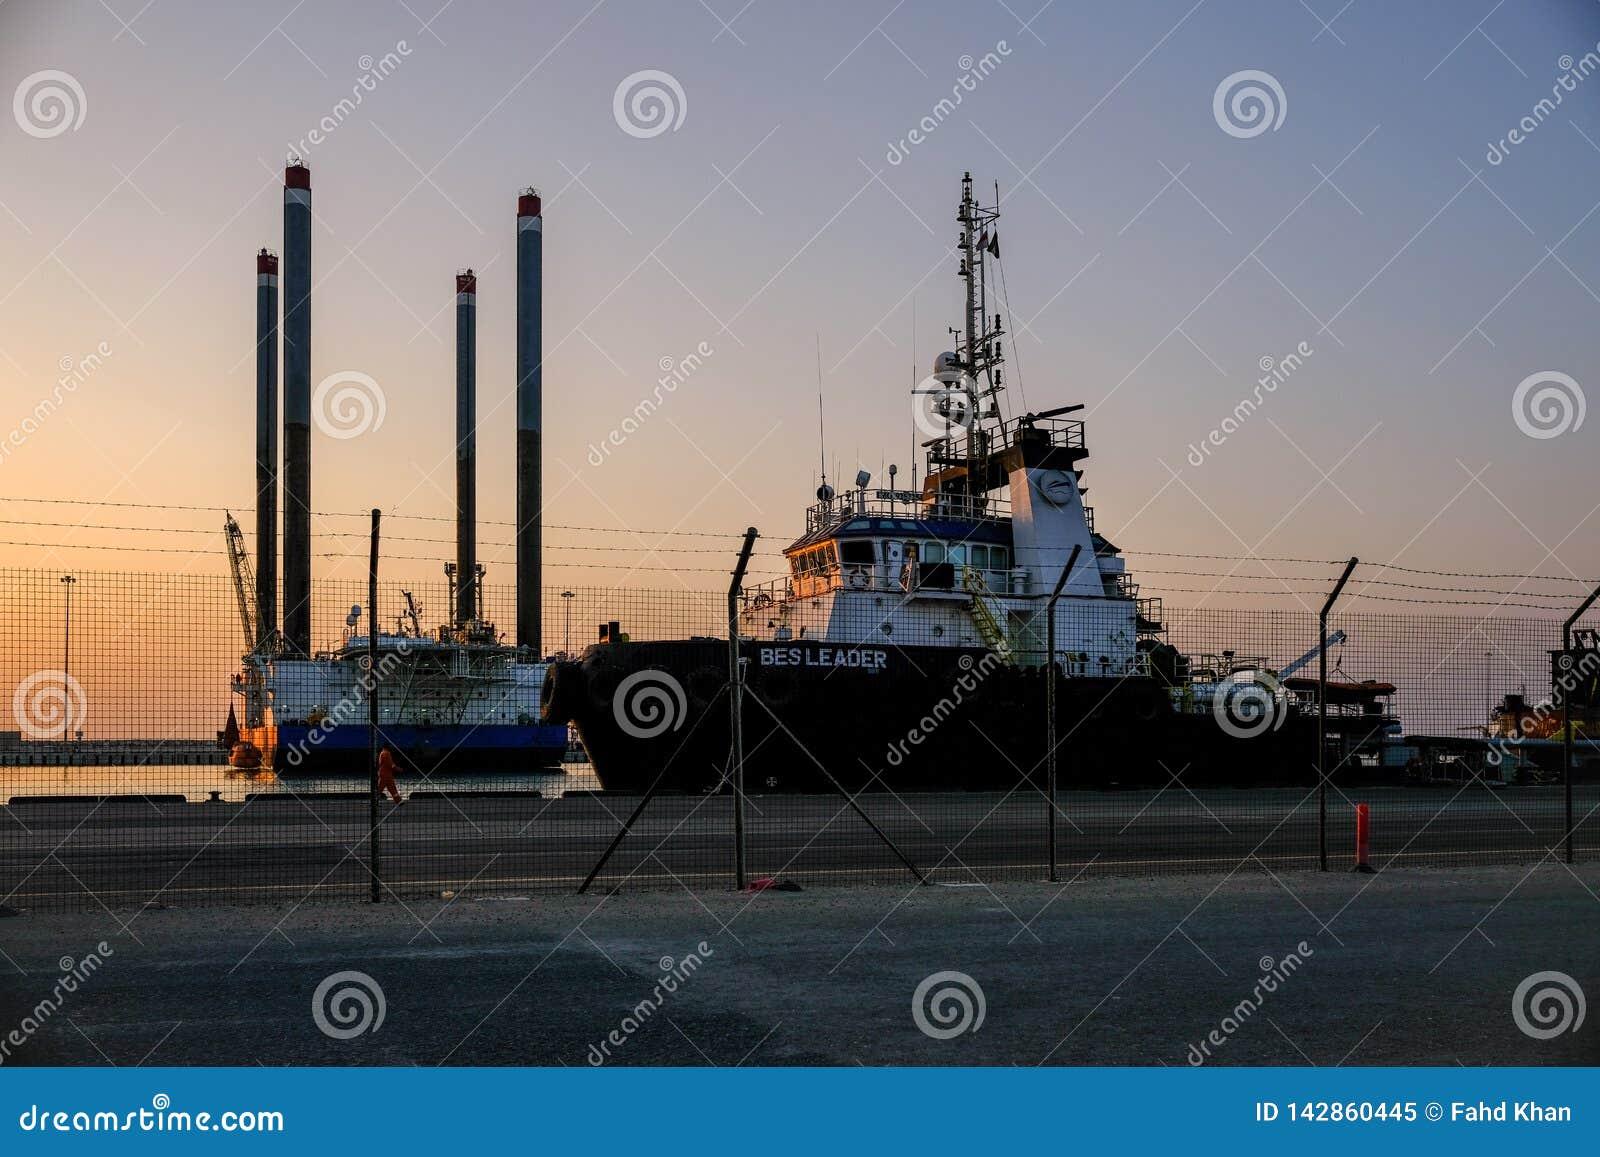 Anche punto di vista di Zayed Port con le navi e gli impianti offshore messi in bacino